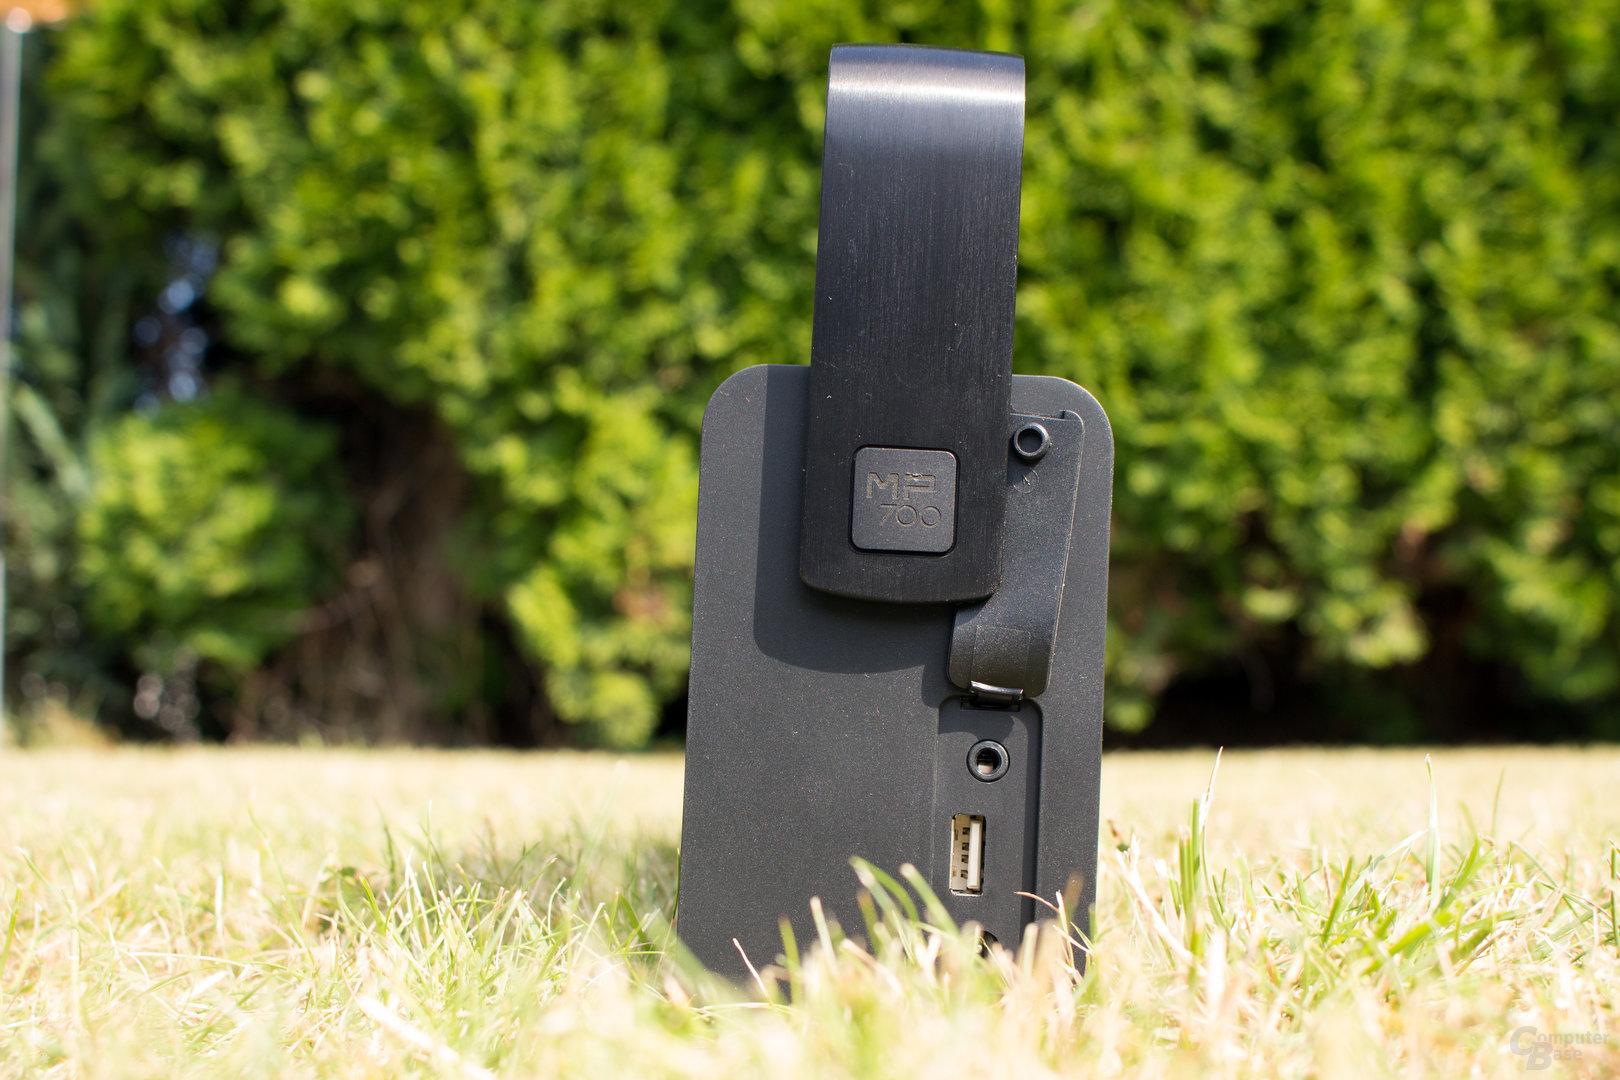 USB-Anschluss zum Laden externer Geräte – leider nicht für den eigenen Akku